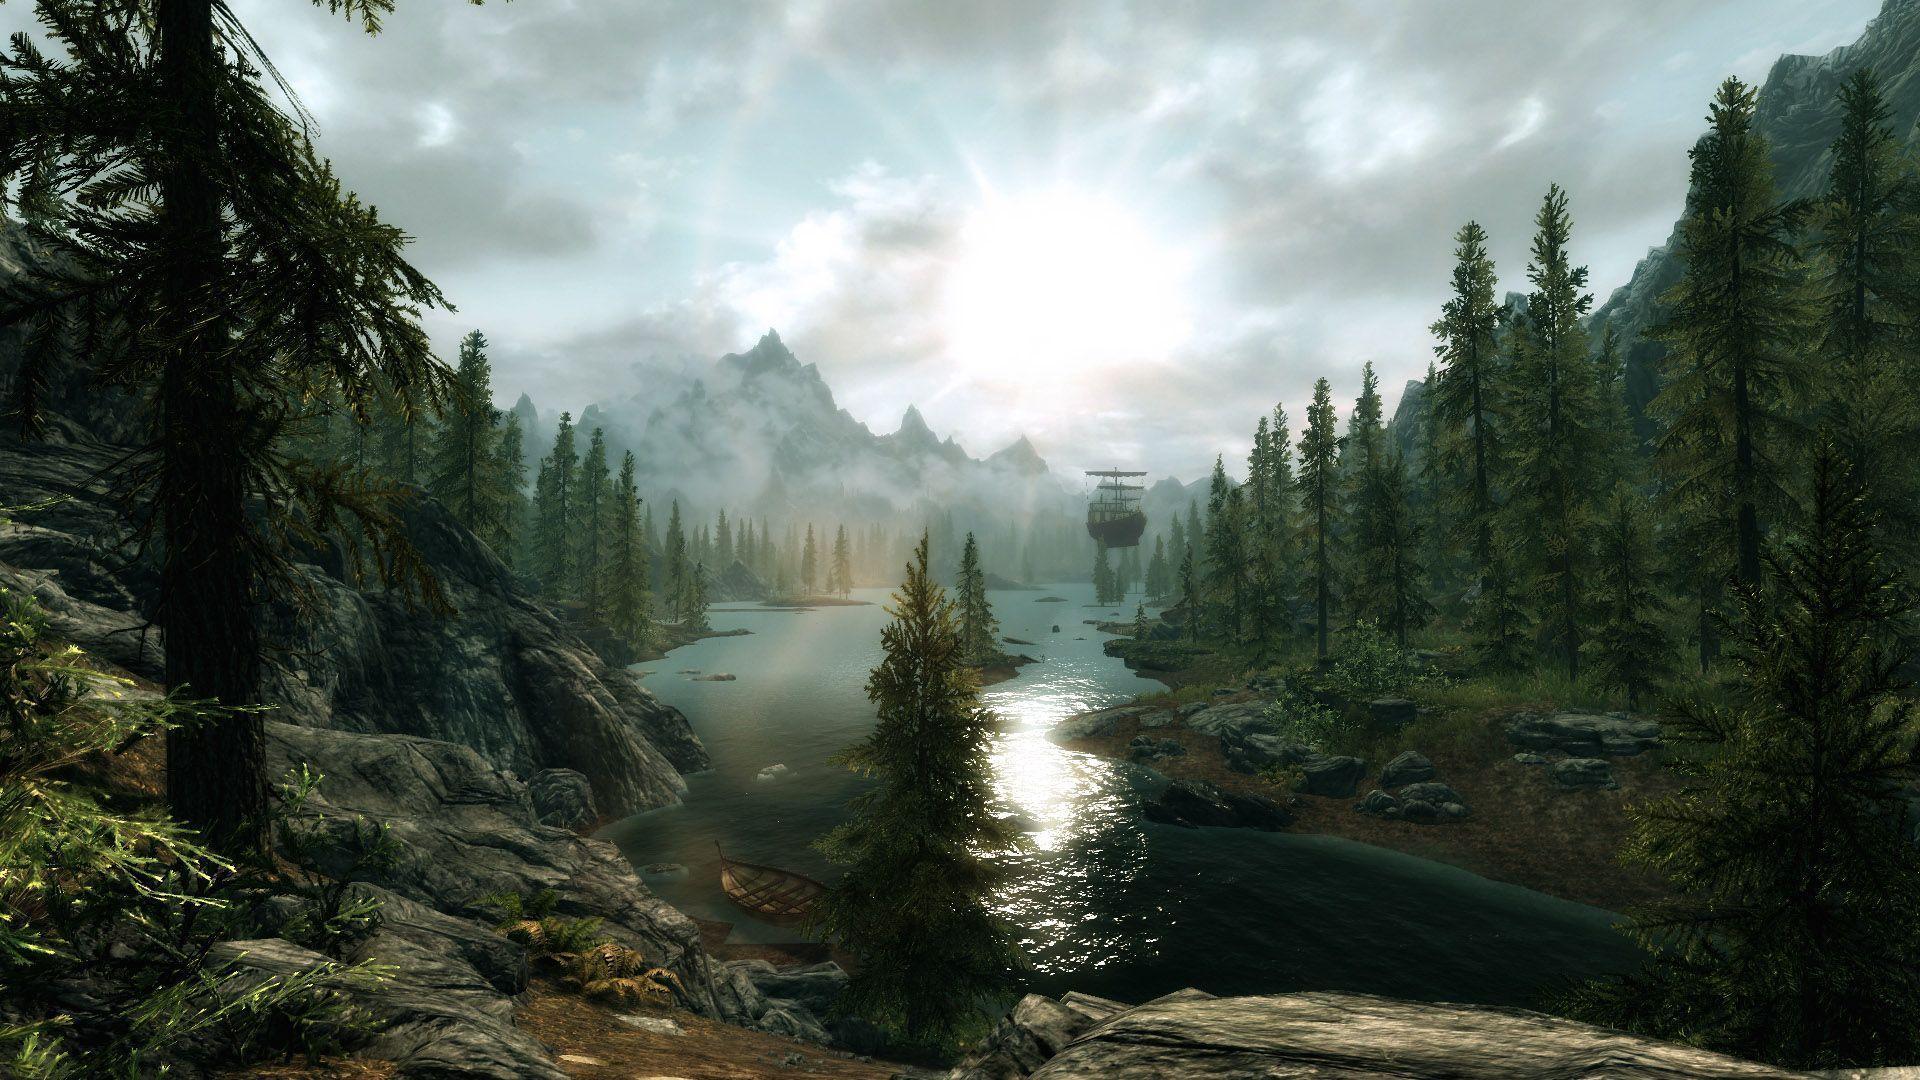 dragon landscape scenic wallpaper - photo #11